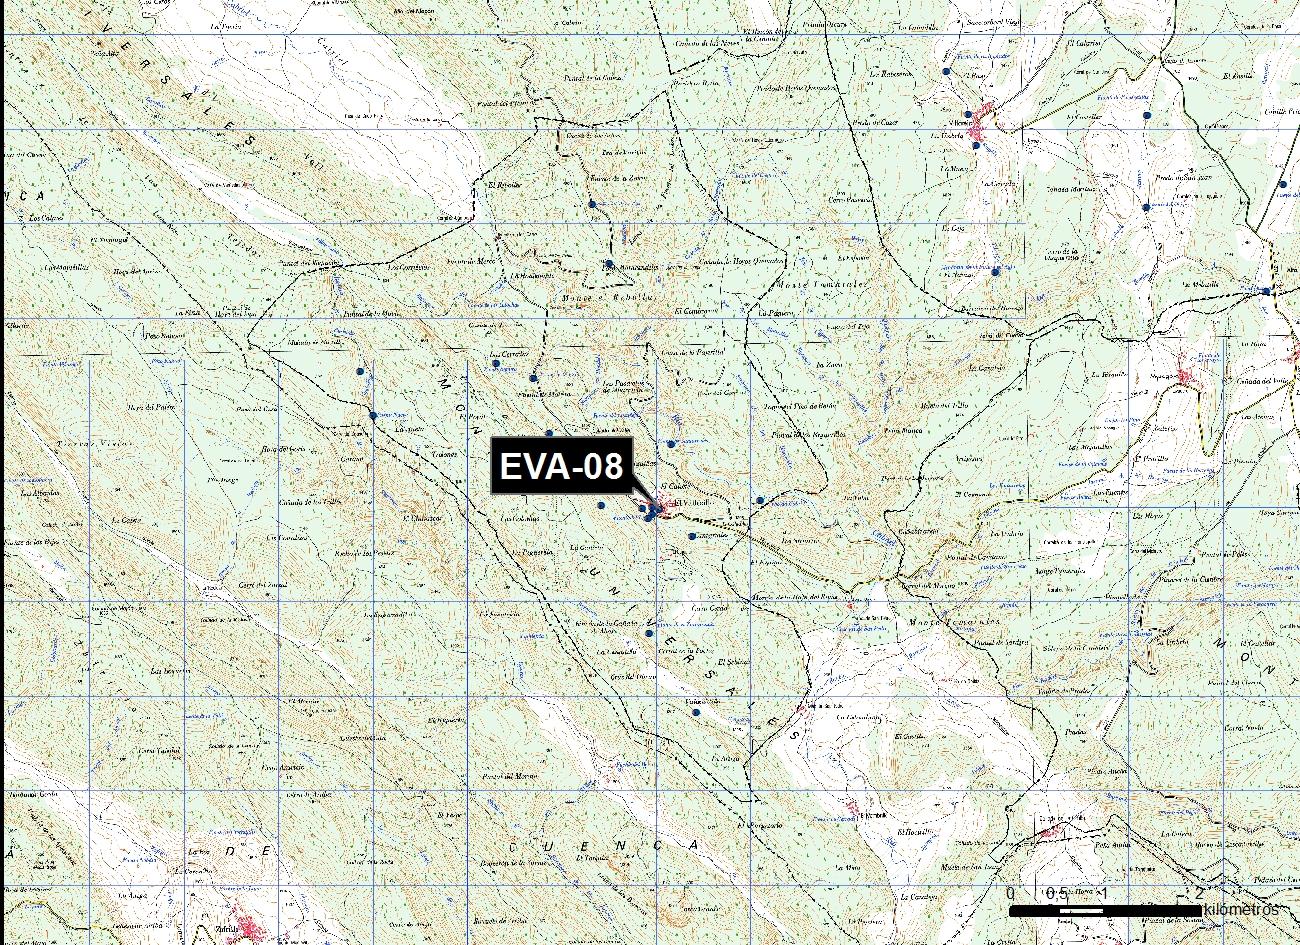 EVA_08_M.V.LOZANO_PLAZA_MAP.TOPO 1